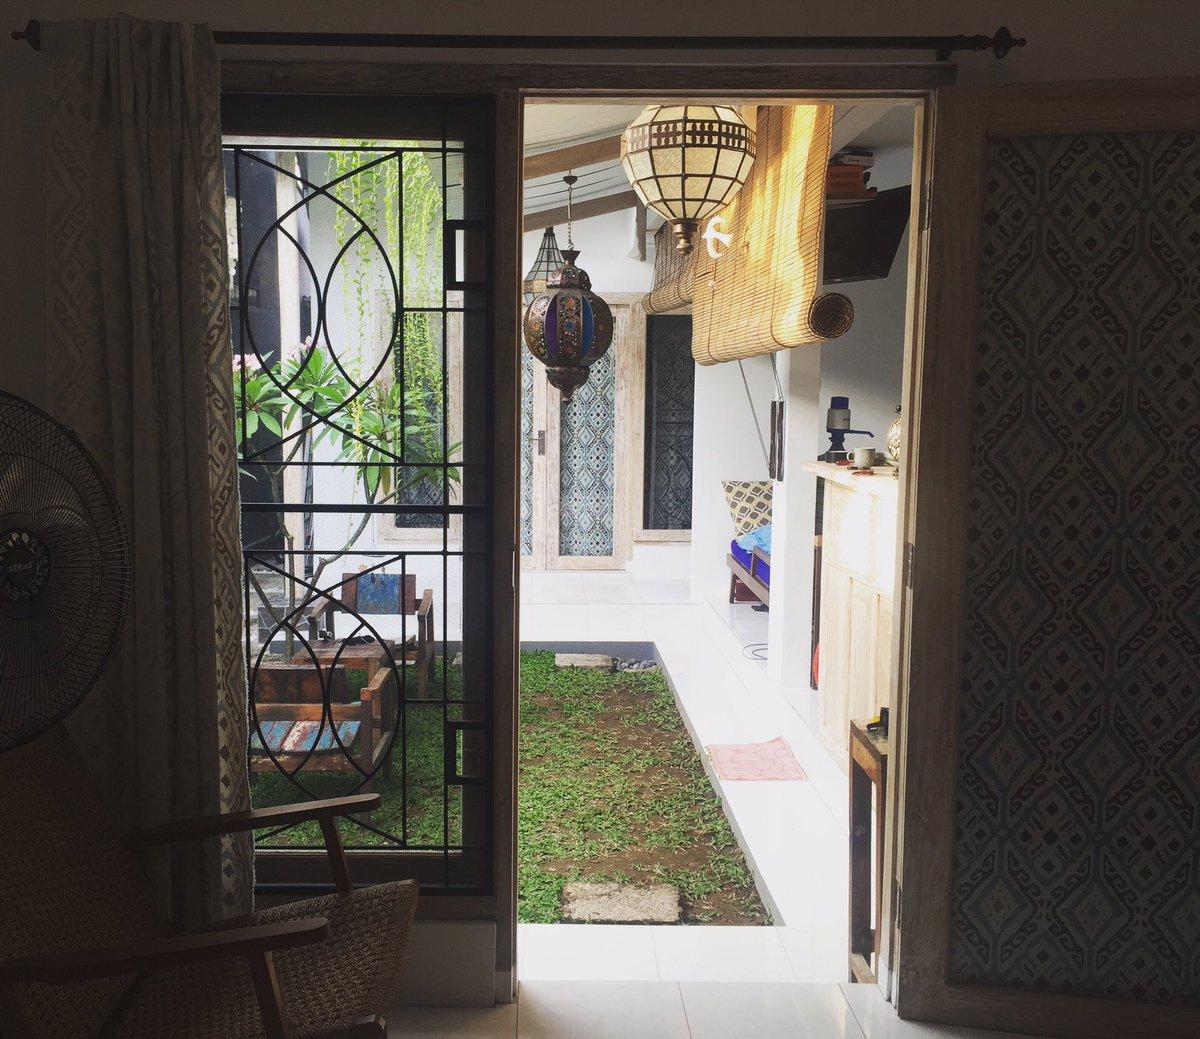 【募集】バリ島で一軒家まるまるお貸しします。6/5-7/15ぐらいまで滞在できる方募集します。2部屋あり。約40日間で4万円。キッチン、Wi-Fi、衛星放送有、自転車、バイク、洗濯機…。場所はサヌールです。興味ある方ご連絡ください。 https://t.co/QyKI3O9IOu